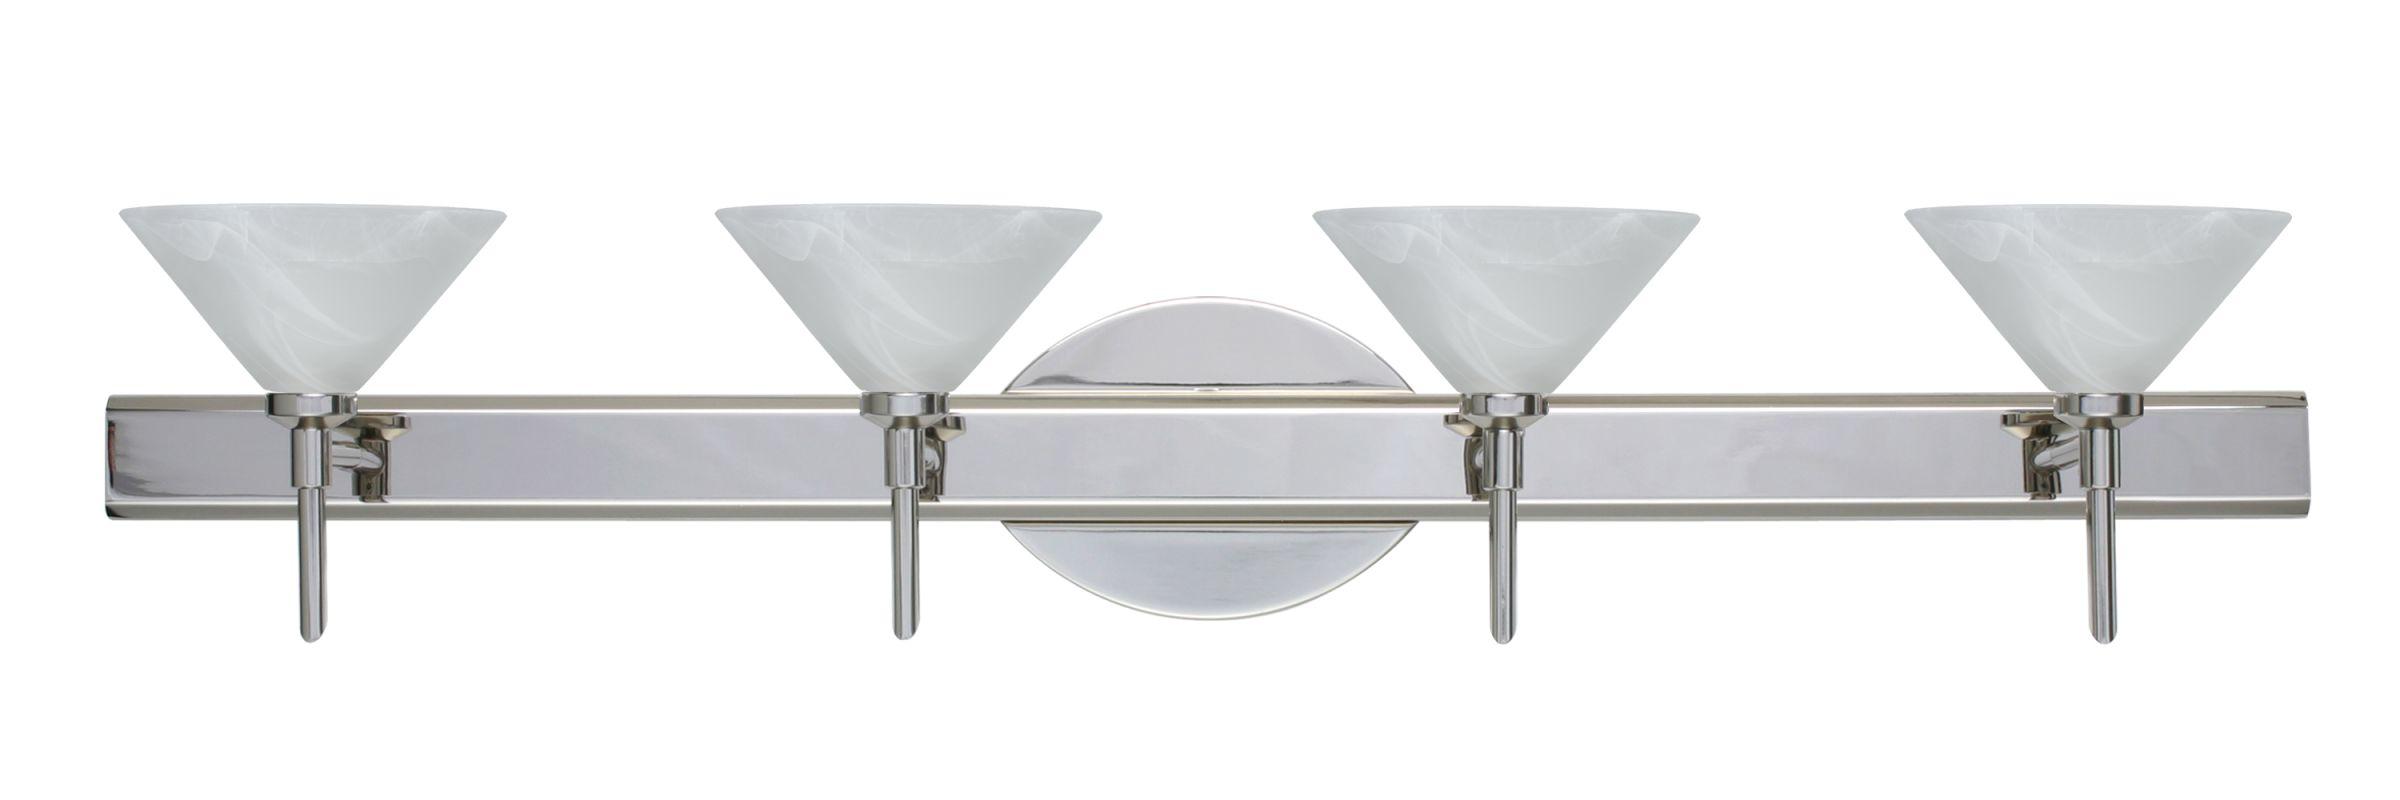 Besa Lighting 4SW-117652 Kona 4 Light Reversible Halogen Bathroom